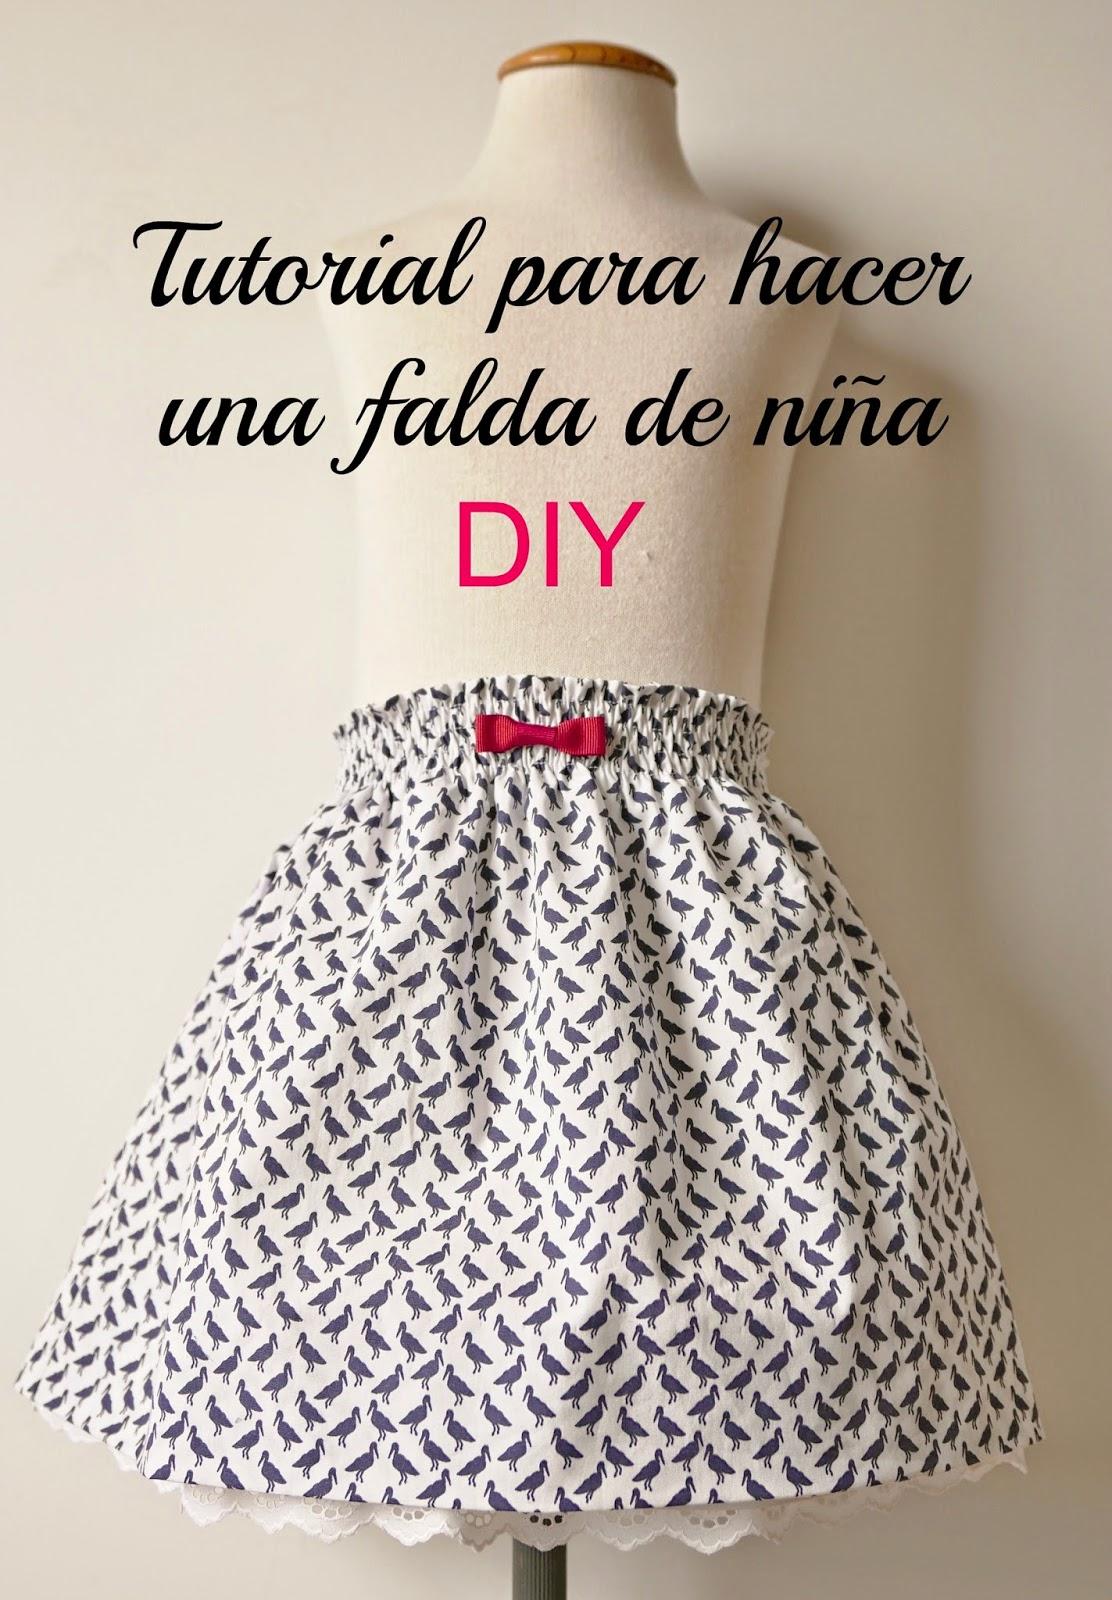 decc0f6ab Cómo hacer (tutorial) y esquema patrón gratis para una falda de niña ...